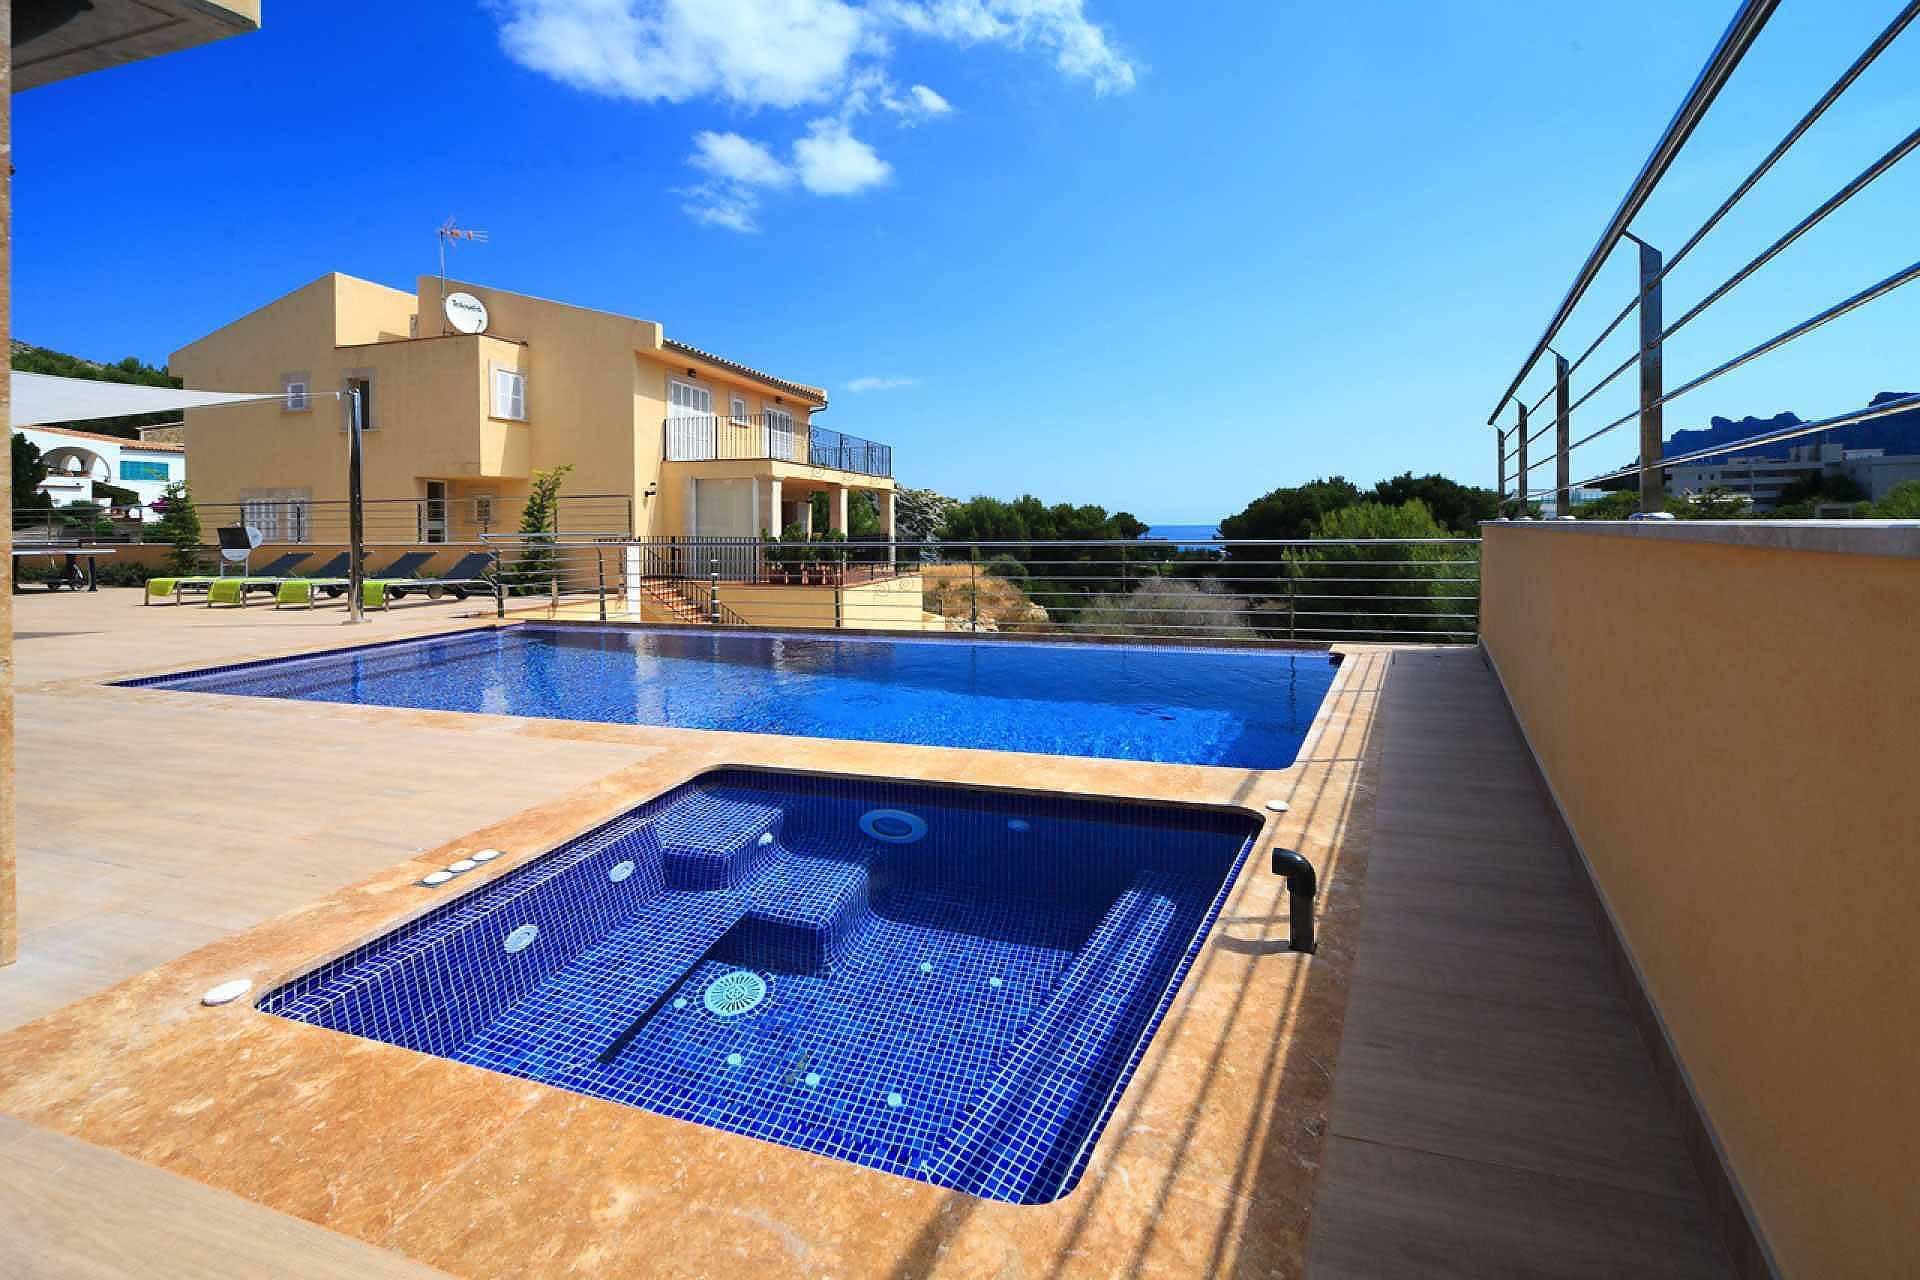 01-35 Villa Mallorca Norden mit Pool Bild 5